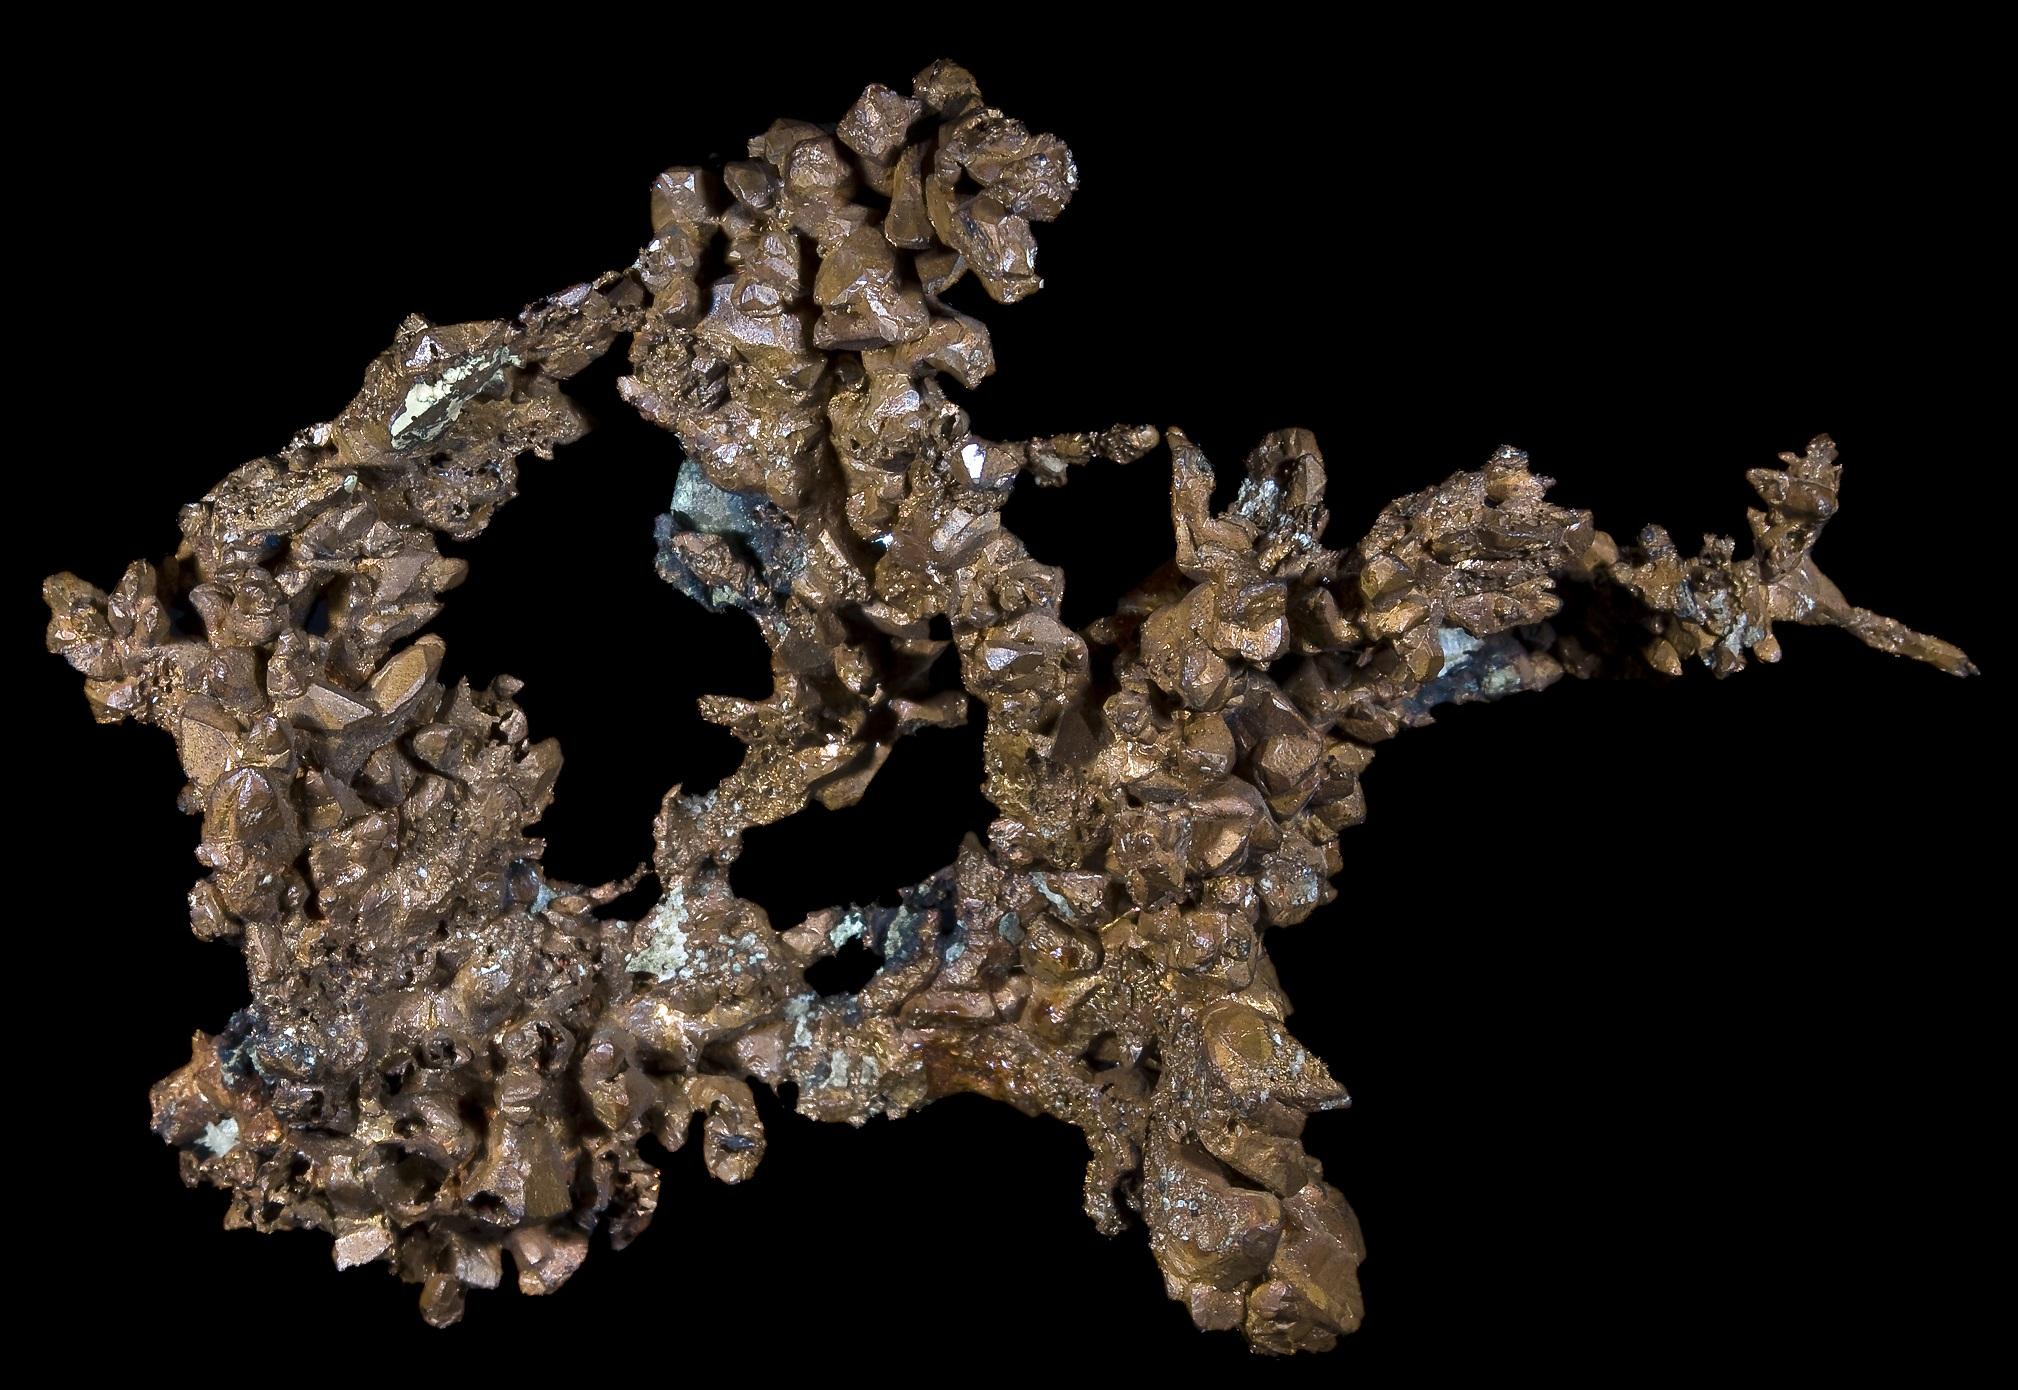 Кристаллы самородной меди, Верхнее озеро, округ Кинави, Мичиган, США. Размер 12 х 8,5 см